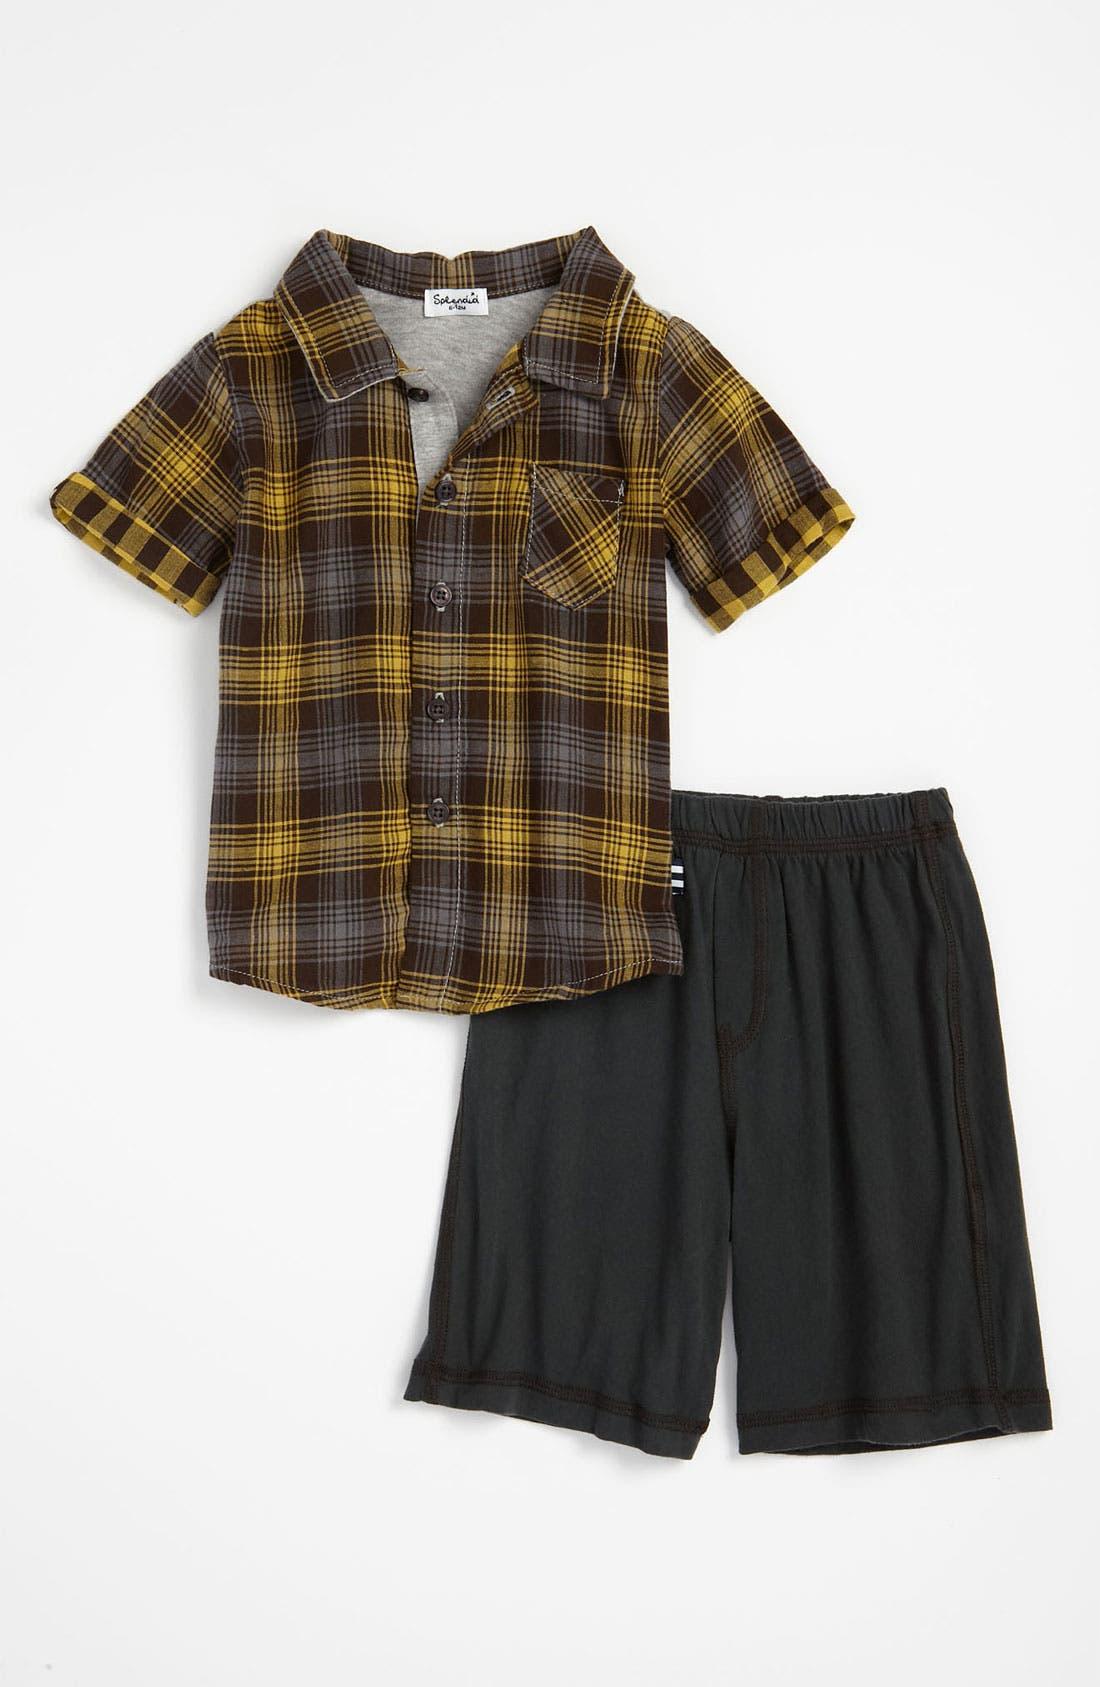 Main Image - Splendid 'Backyard' Plaid Shirt & Shorts (Infant)